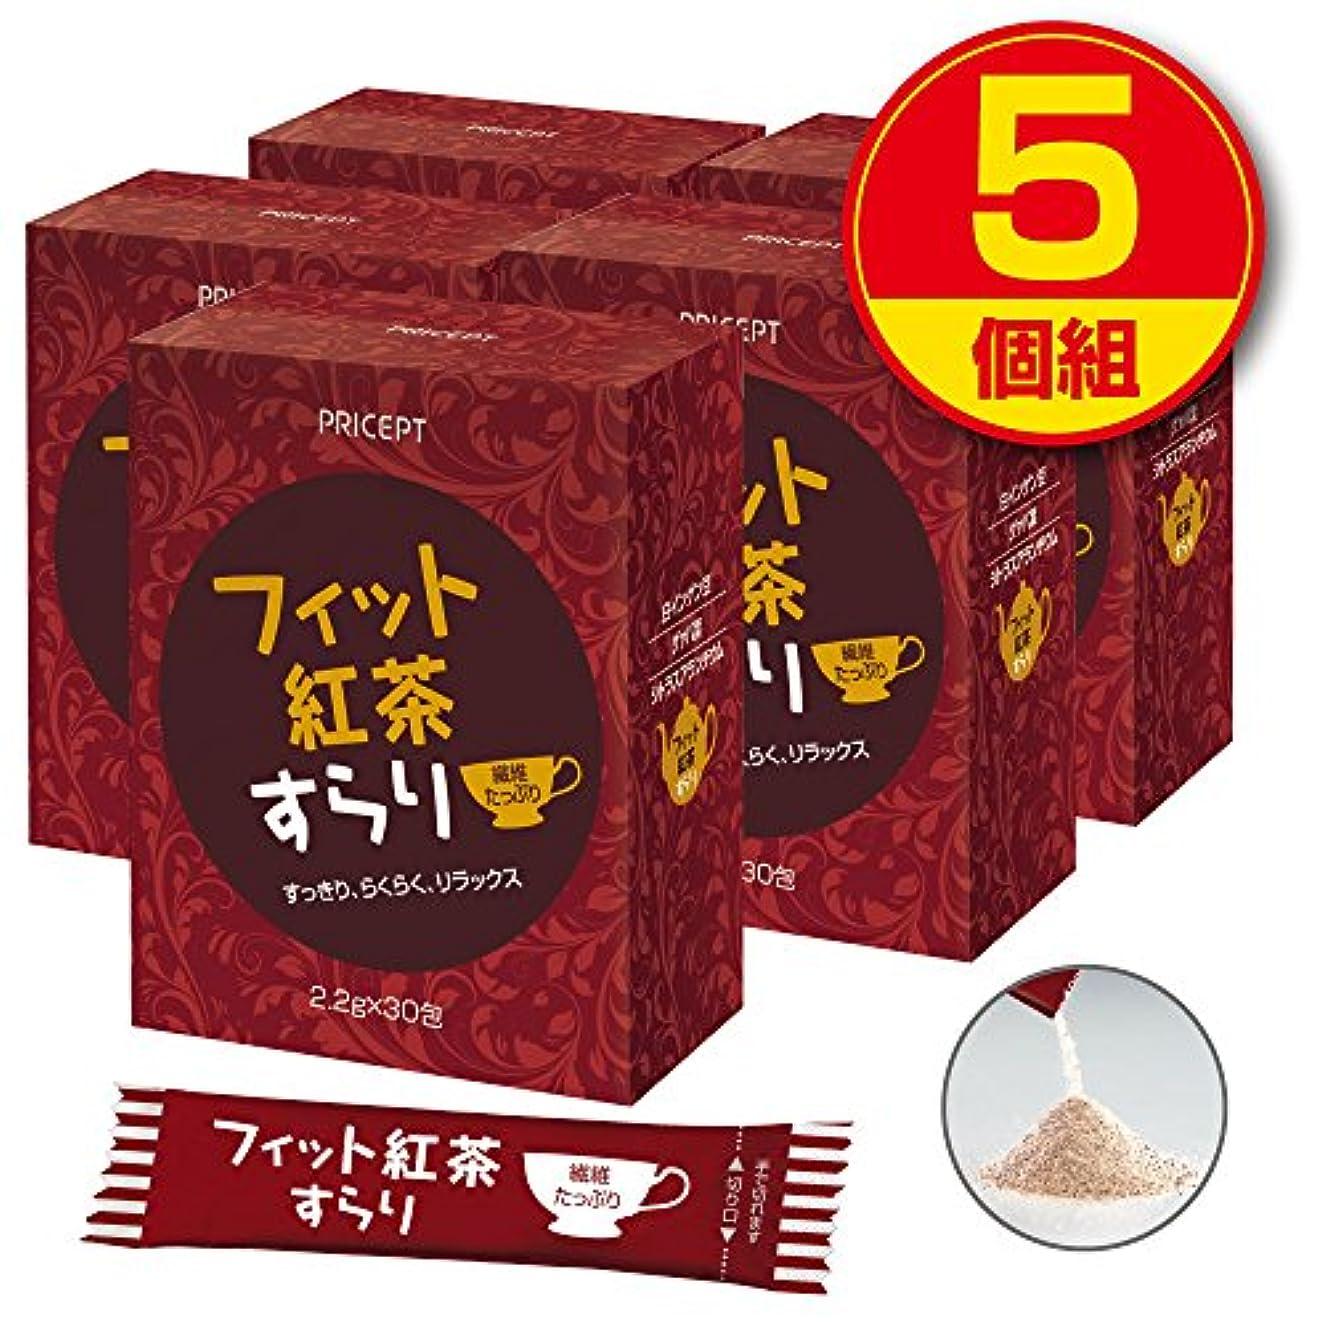 補償運搬センチメンタルプリセプト フィット紅茶すらり(30包)【5個組?150包】(食物繊維配合ダイエットサポート紅茶)